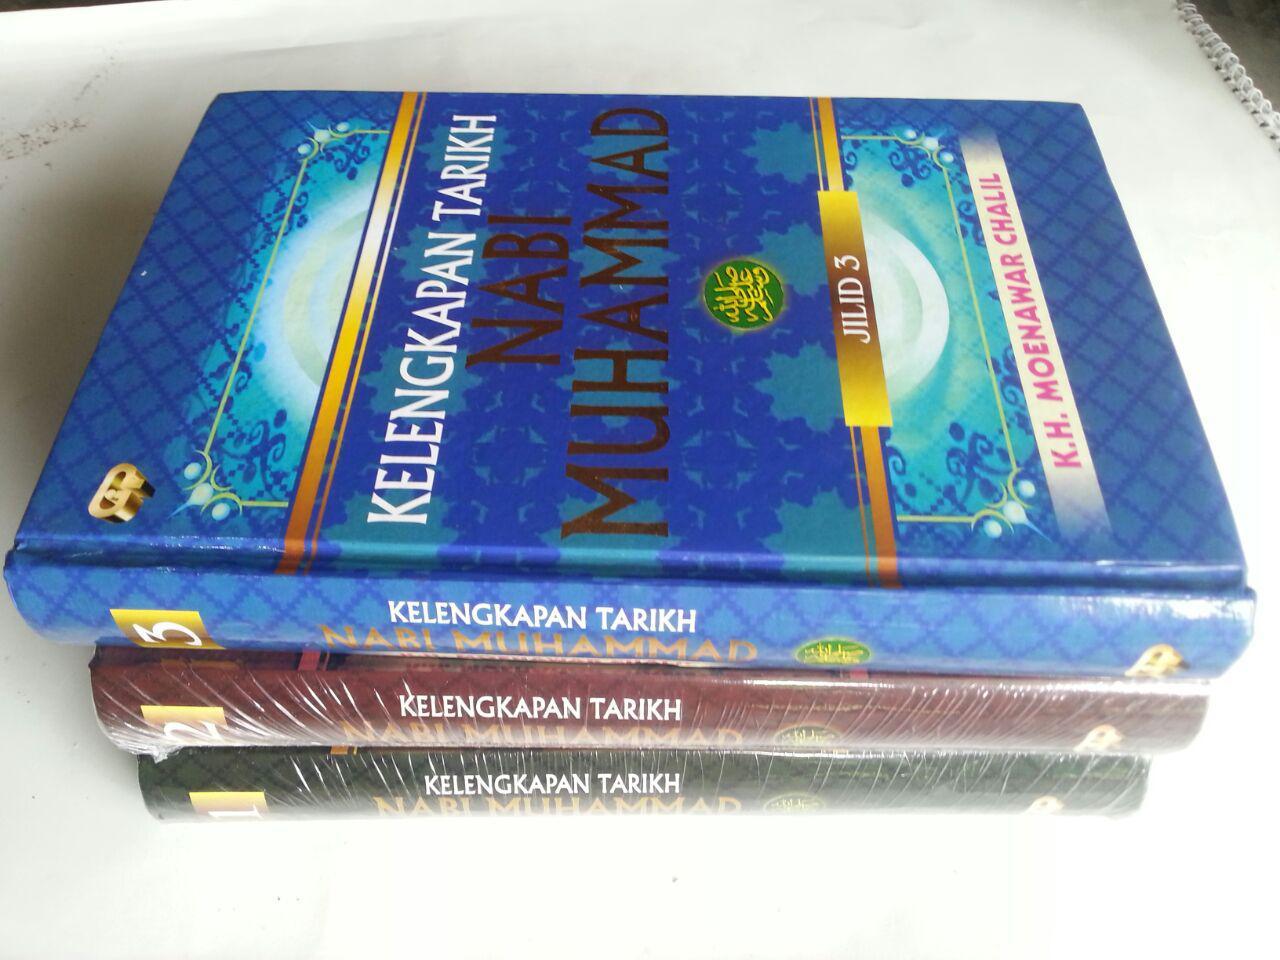 Buku Kelengkapan Tarikh Nabi Muhammad Set 3 Jilid cover 2